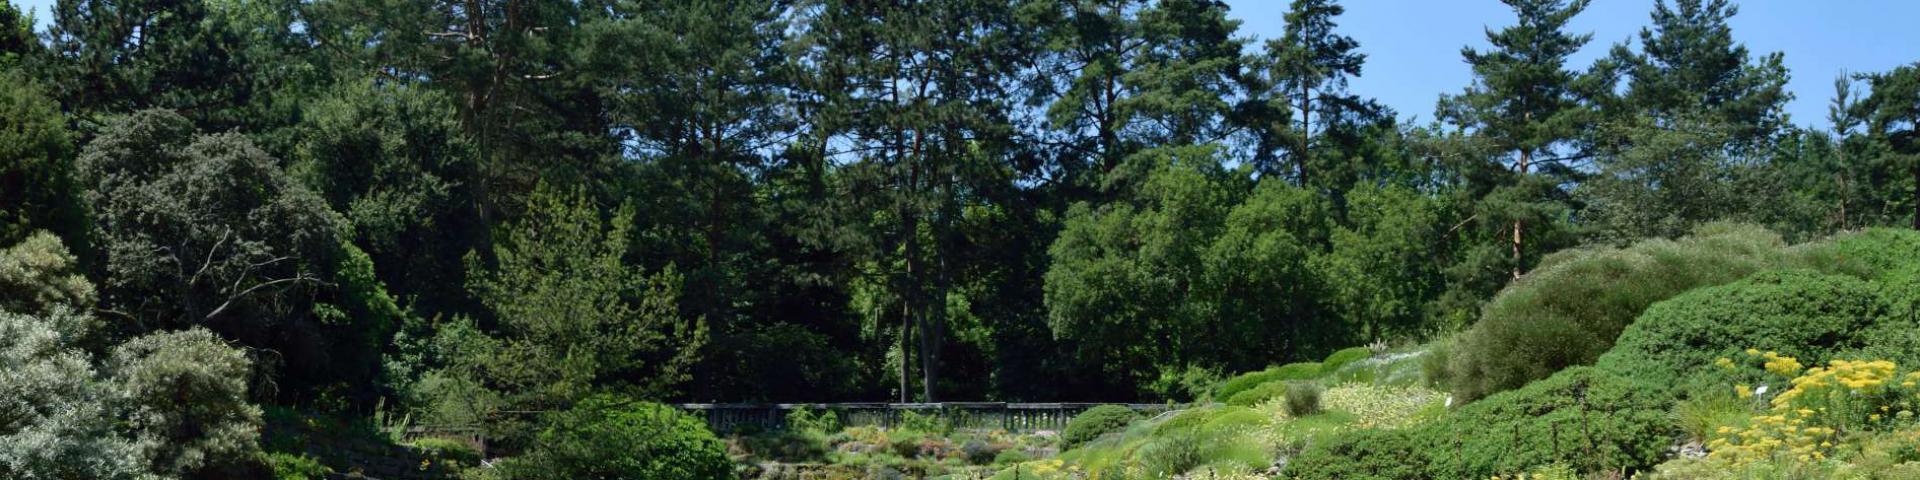 Arboretumsgärtner